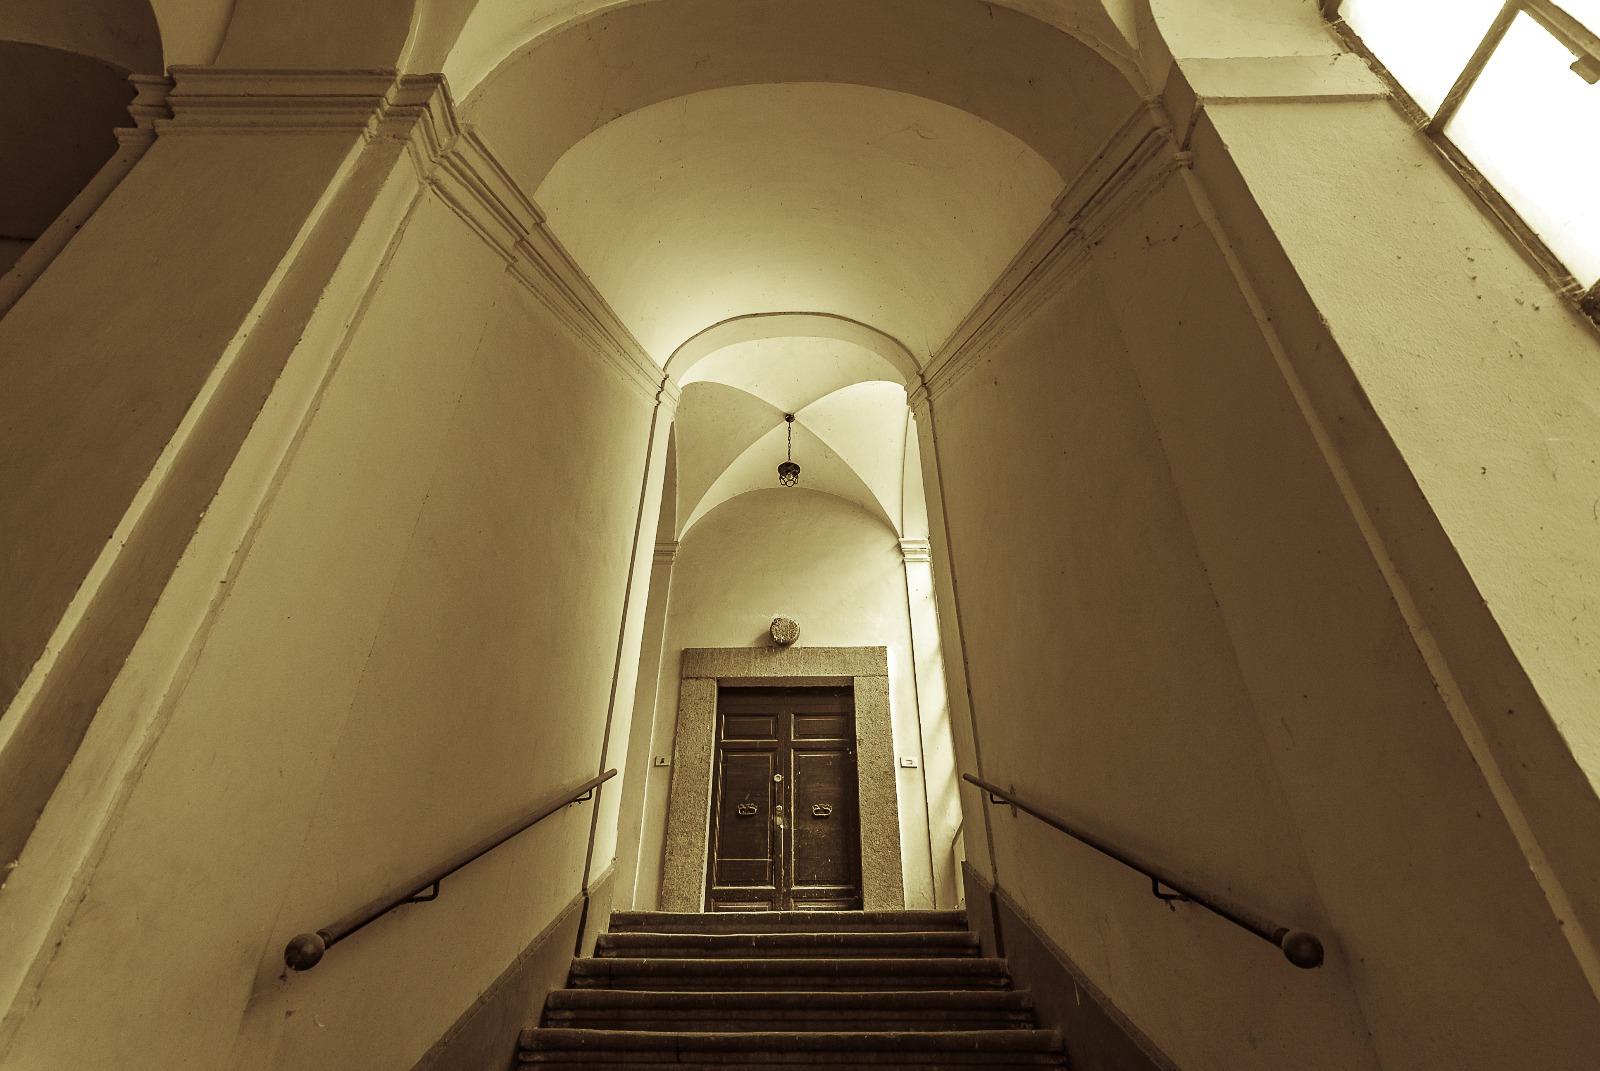 Appartamento in vendita a Viterbo, 4 locali, zona Zona: Centro, prezzo € 232.000   CambioCasa.it